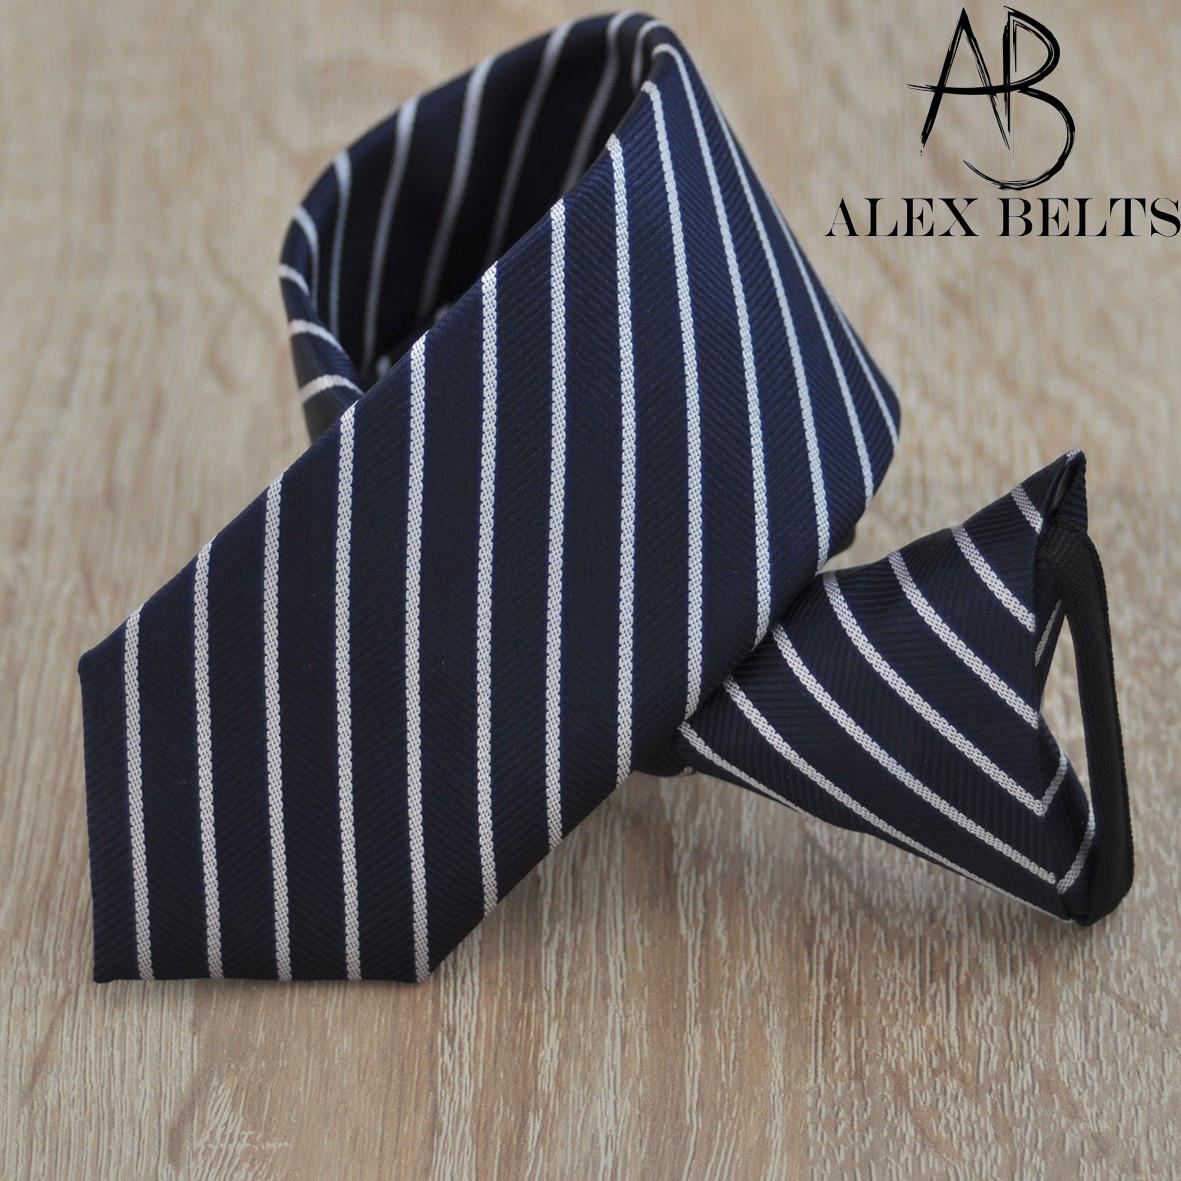 детские галстуки, детский галстук, галстук оптом, детские галстуки оптом, 7 км